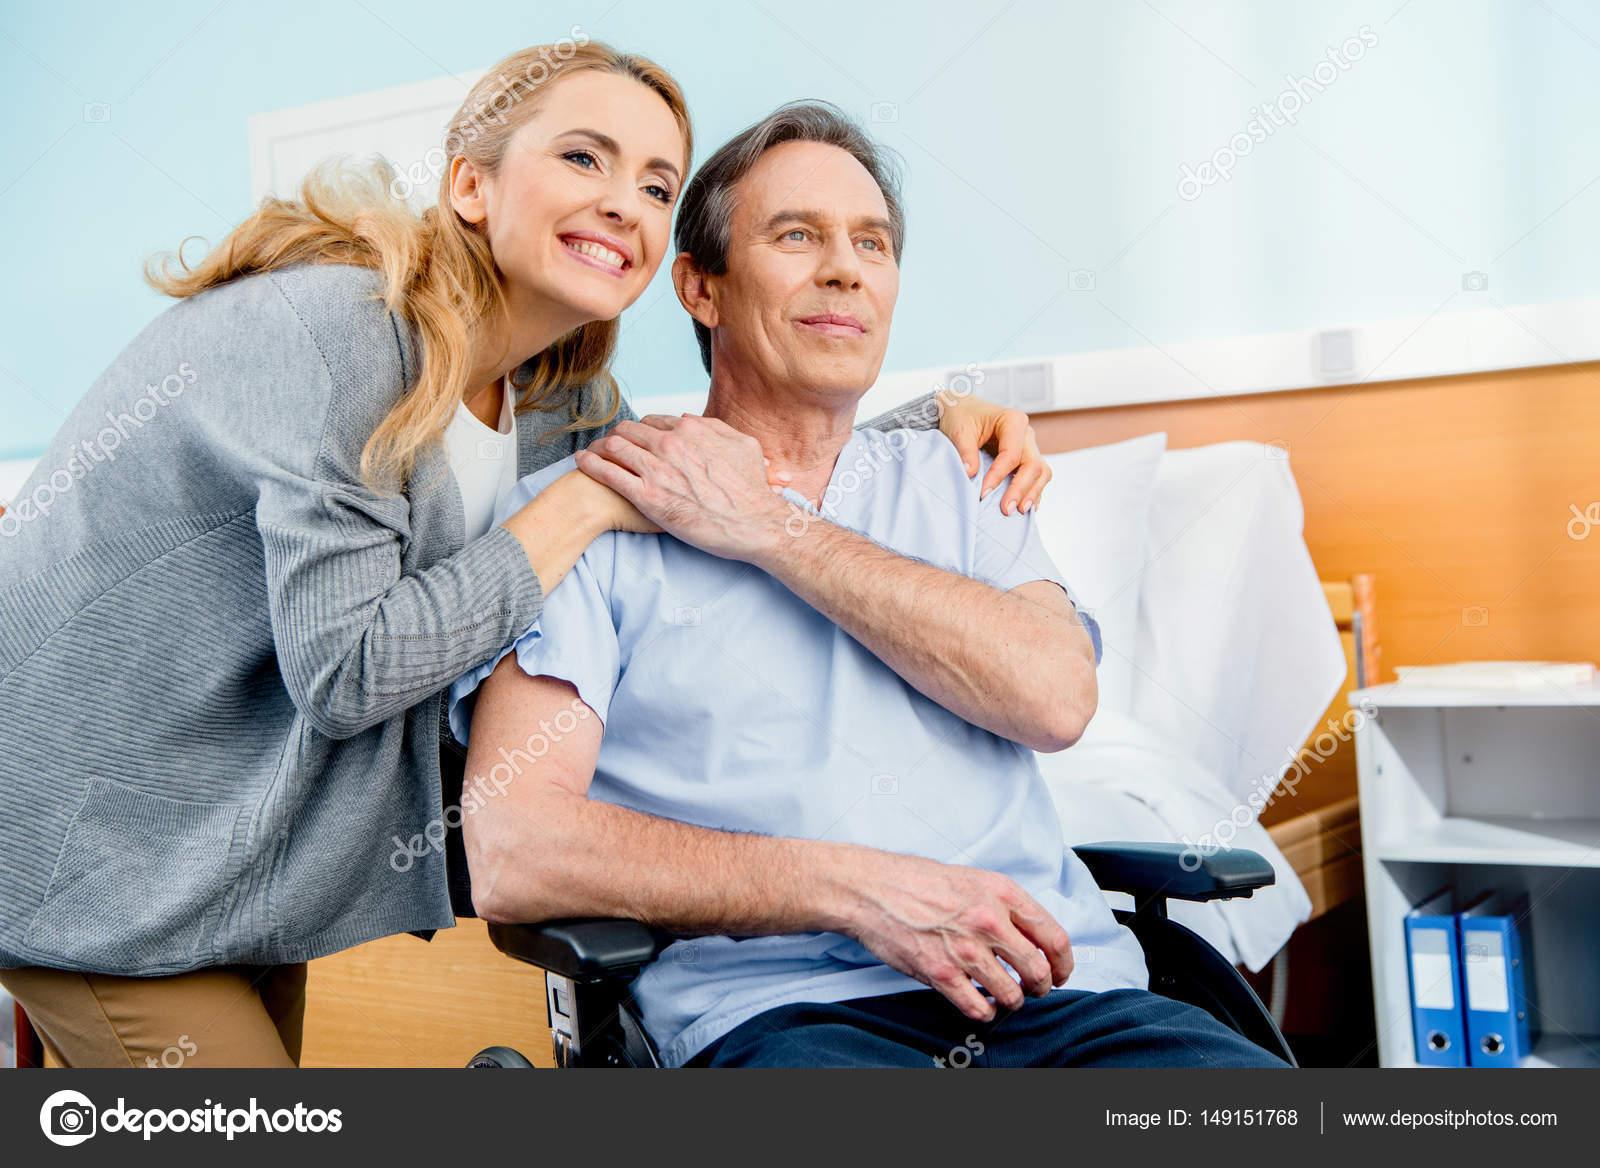 Homme g en fauteuil roulant l h pital photographie for Fauteuil chambre hopital